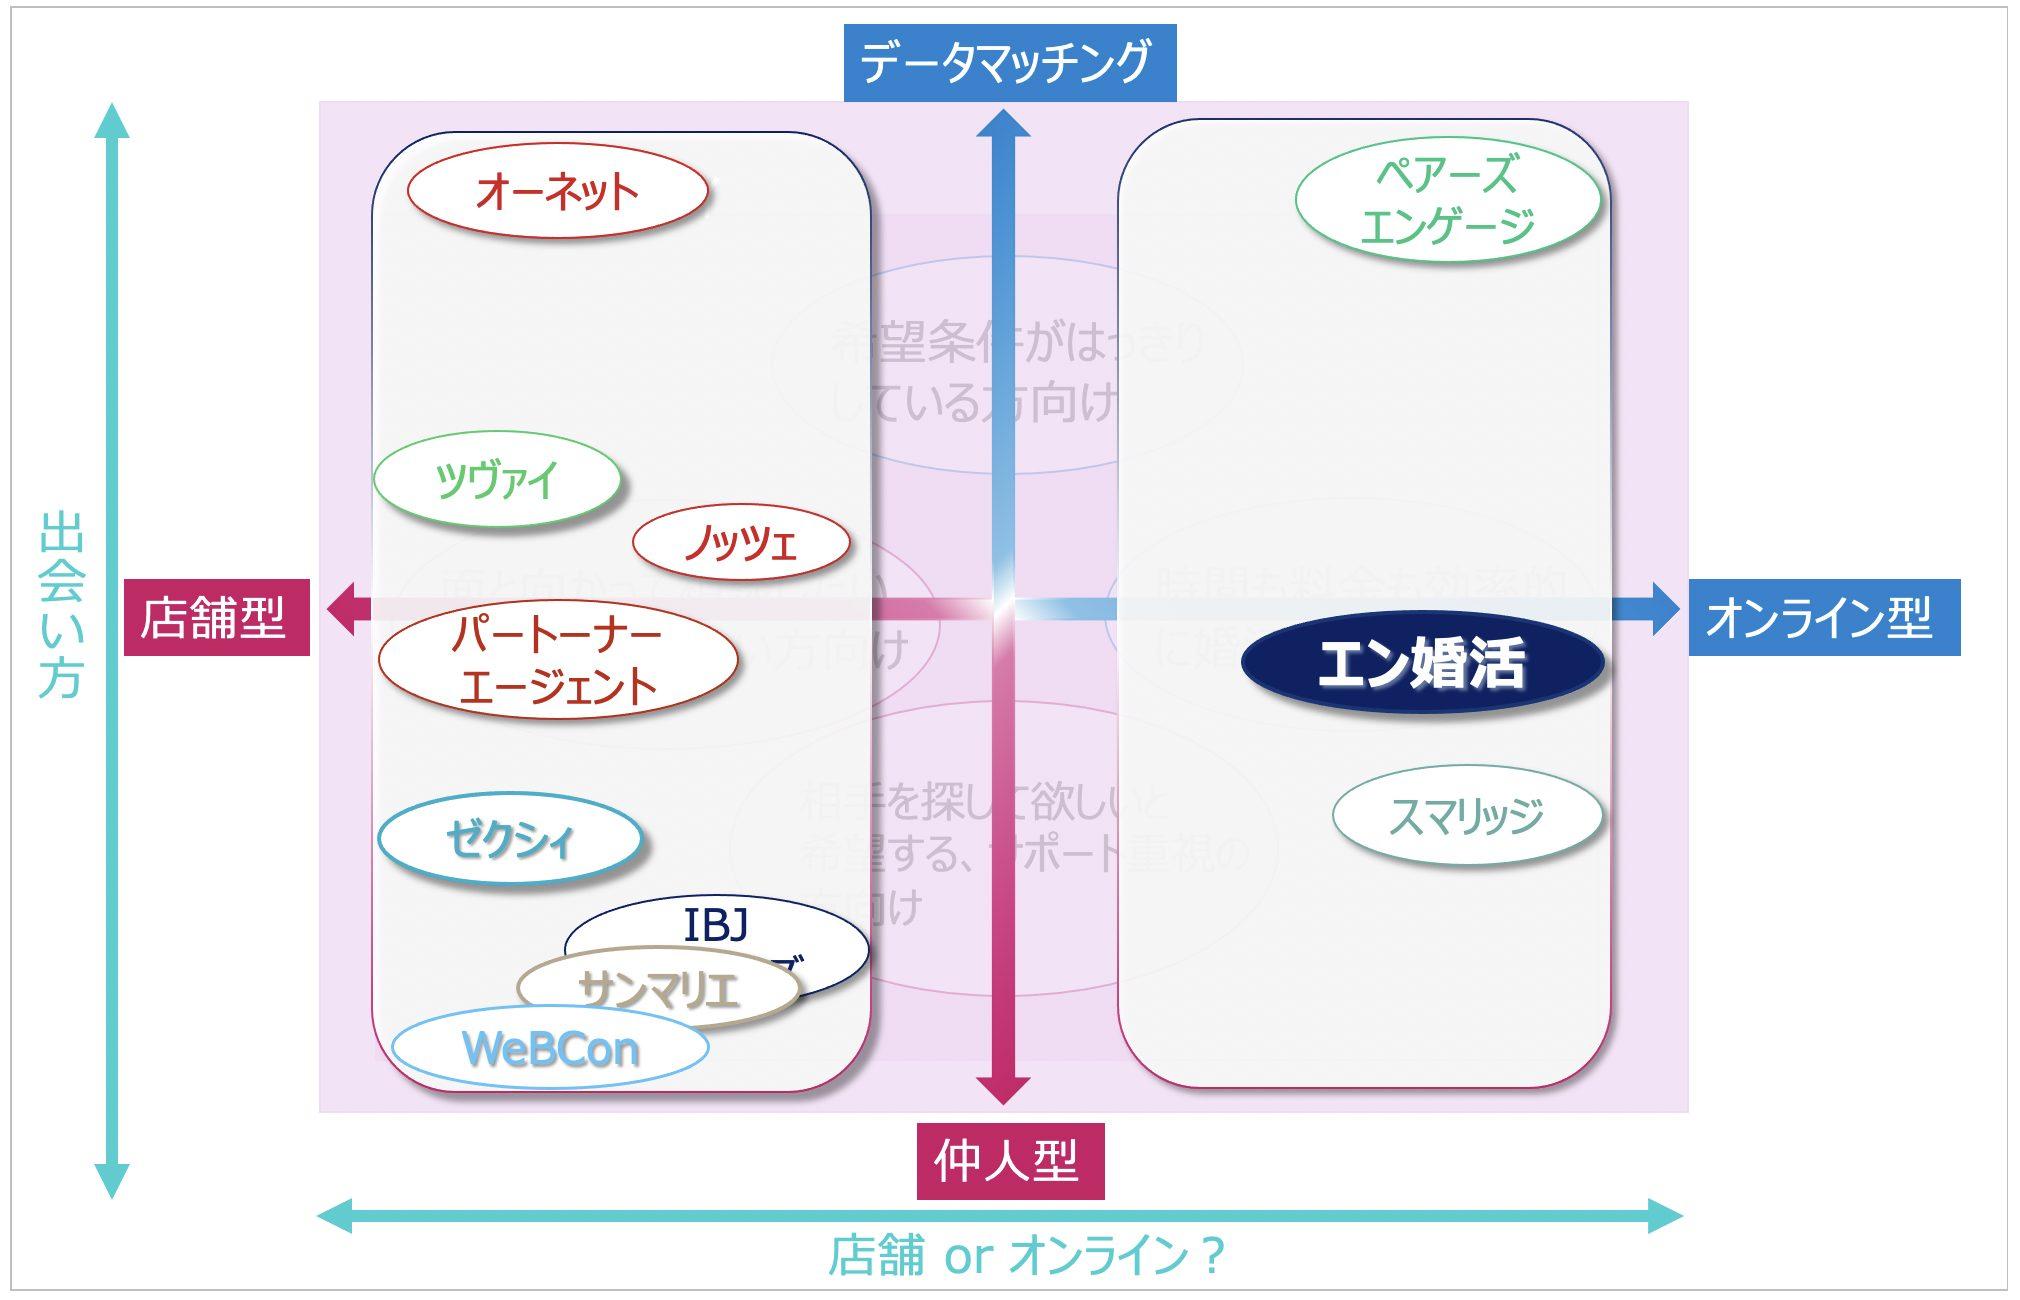 結婚相談所-マトリックス-エン婚活-01